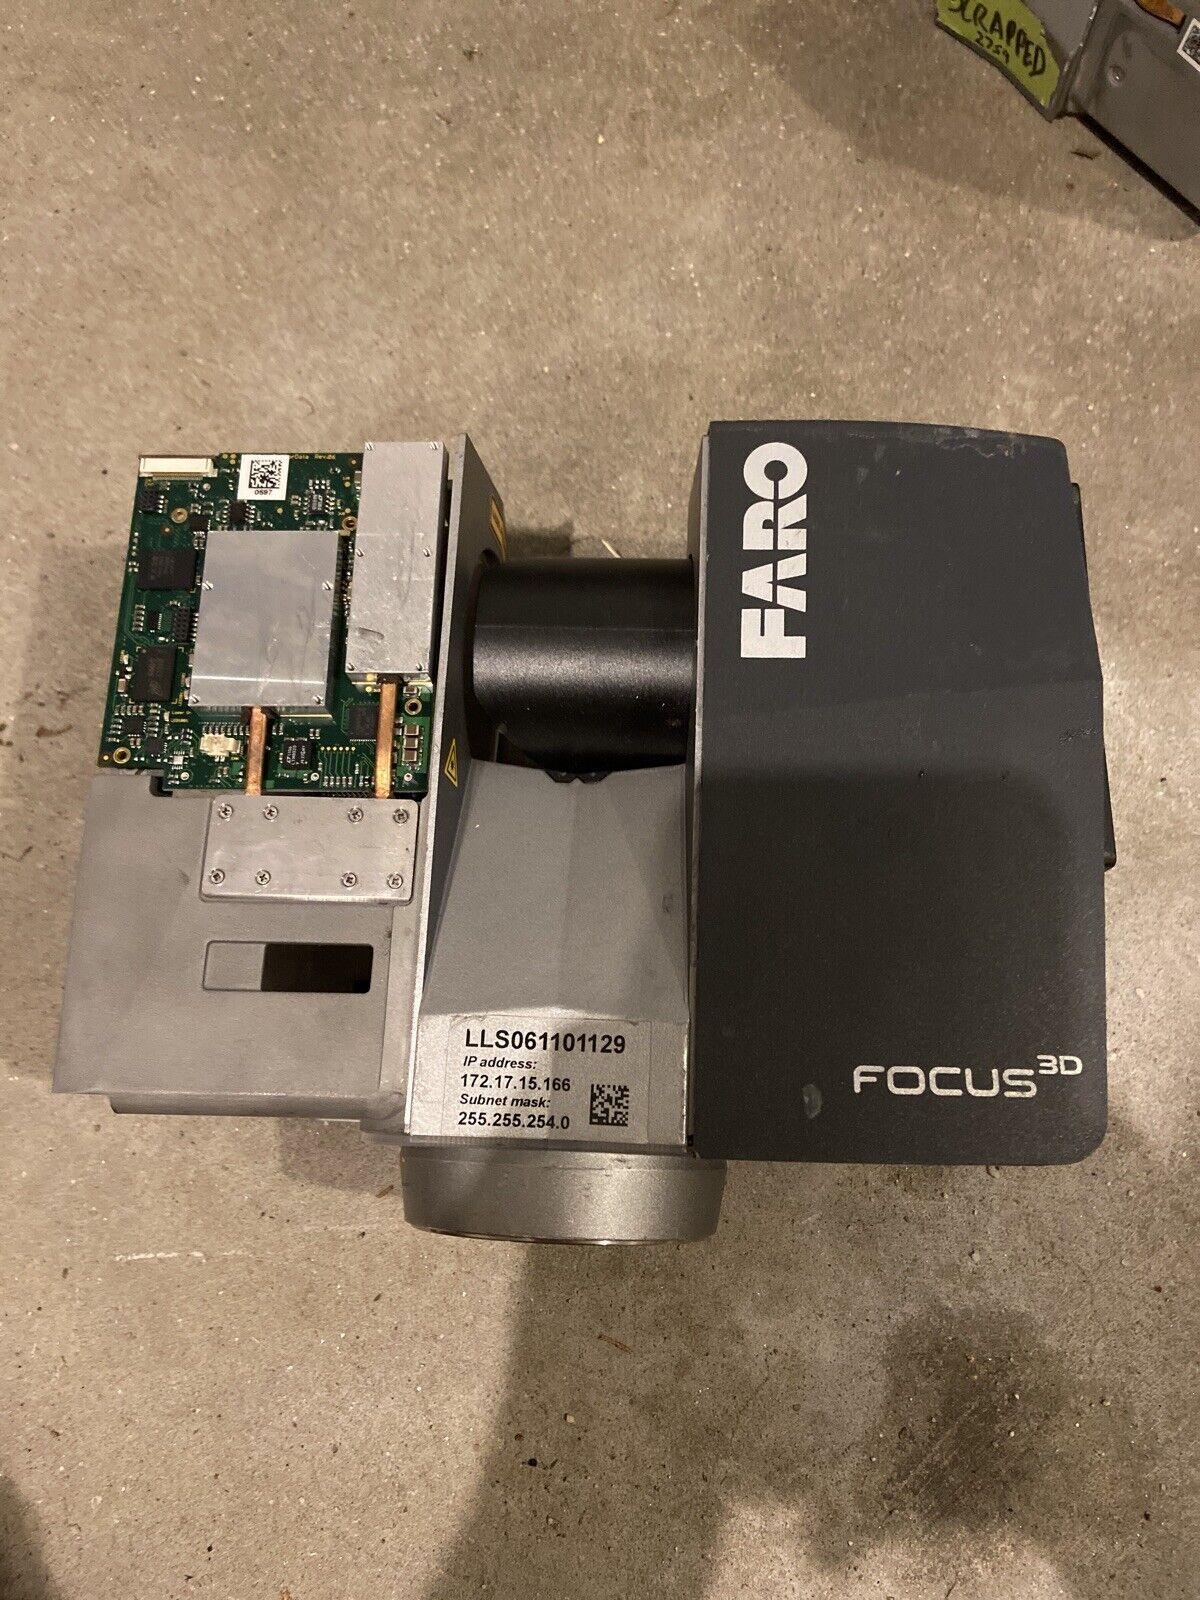 2011 Model Faro Laser Scanner Focus 3D S120 FOR PARTS OR REPAIR!